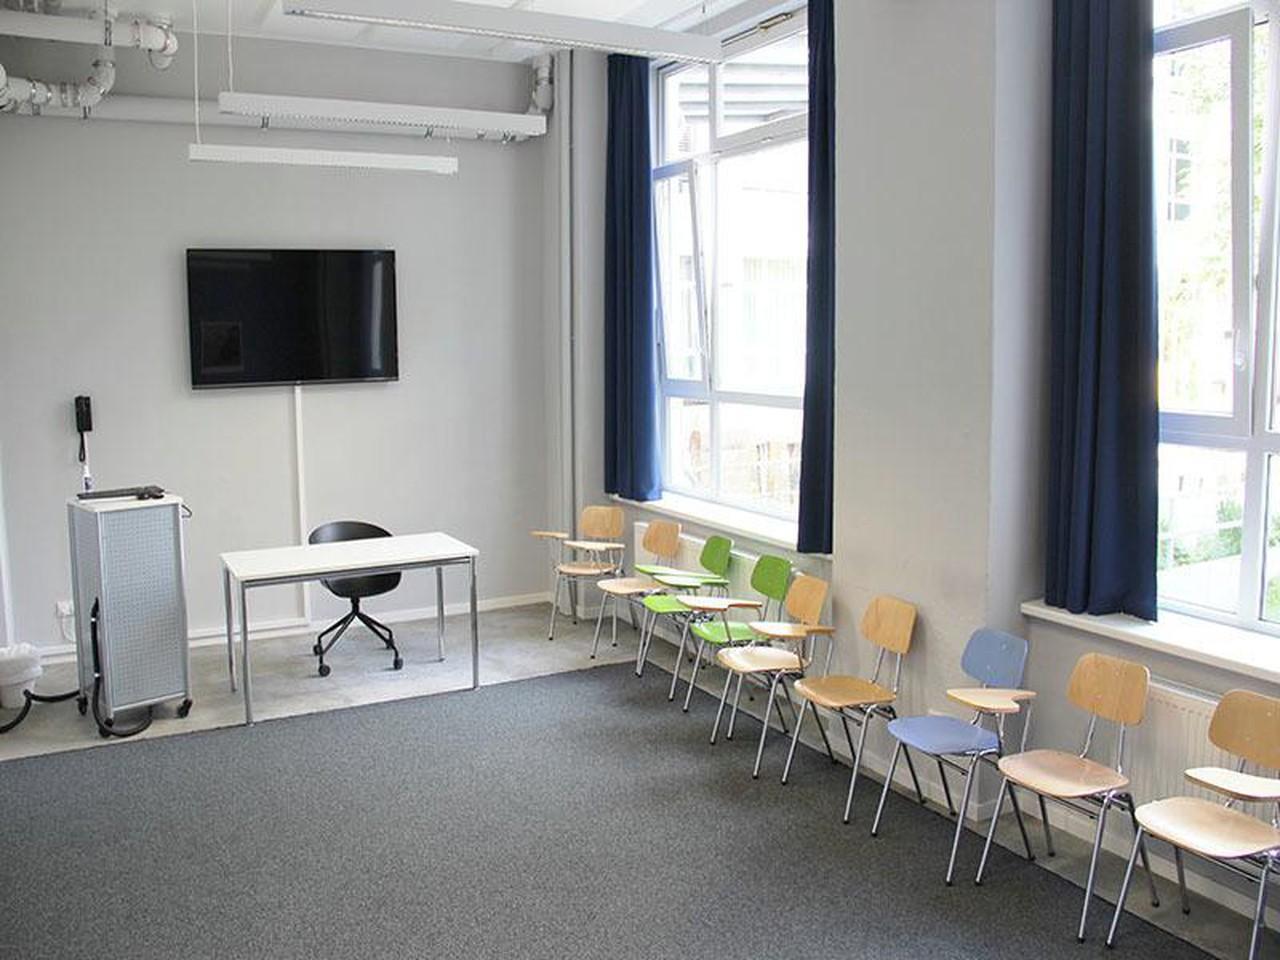 Berlin  Centre de conférence  image 0